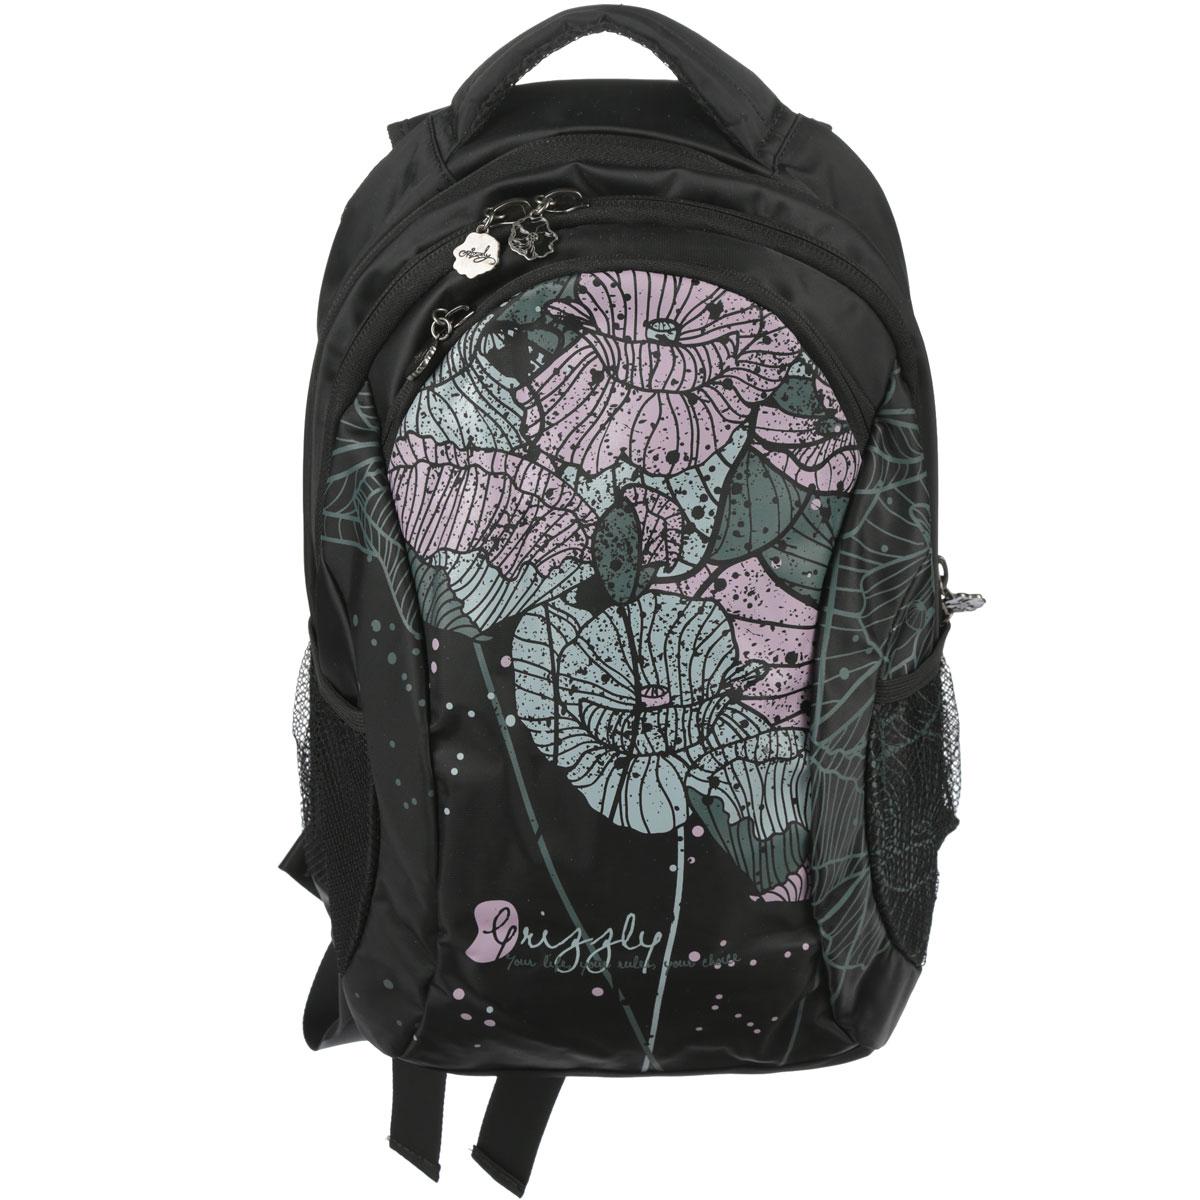 Рюкзак детский Grizzly, цвет: черный. RD-531-1RD-531-1/3Рюкзак женский с двумя отделениями, с передним карманом на молнии, боковыми карманами из сетки, внутренним карманом-пеналом, с жесткой спинкой с мягкими вставками, укрепленными лямками, ручкой для переноски